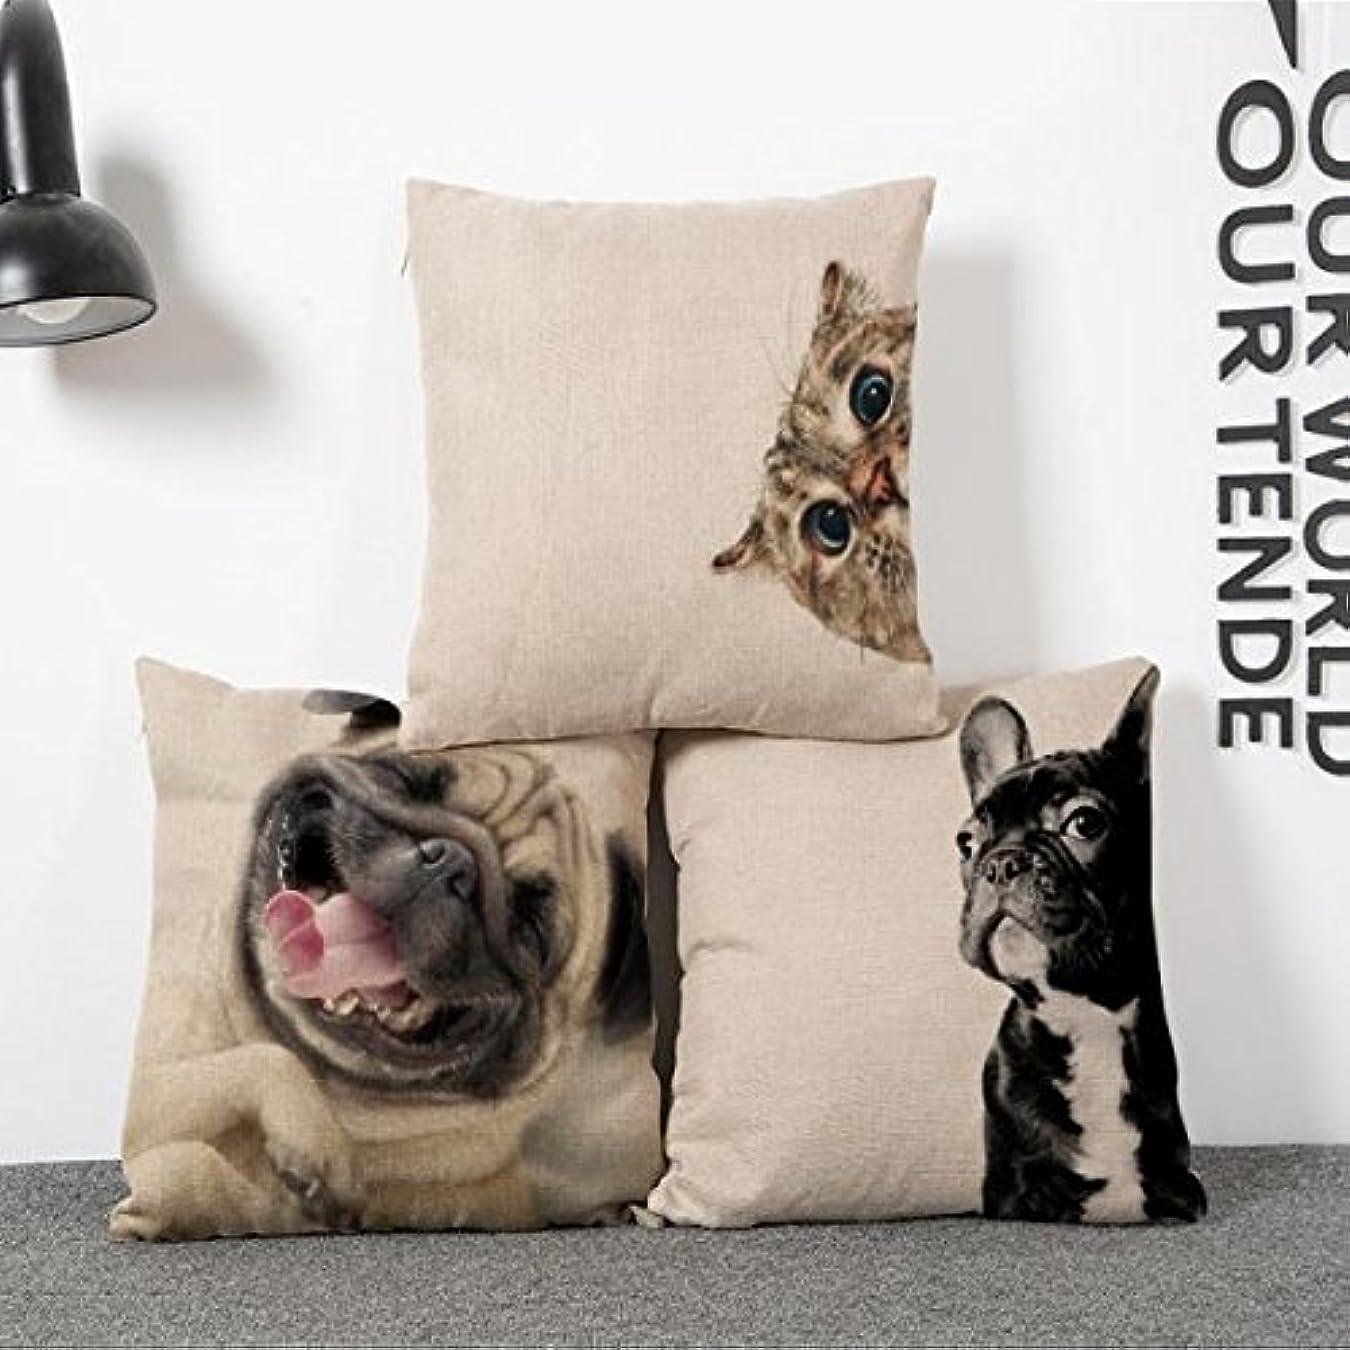 登録する作るハグクッションカバー 枕カバー ベッド ソファ 装飾 45 * 45センチメートル 素敵 犬 コットン リネン